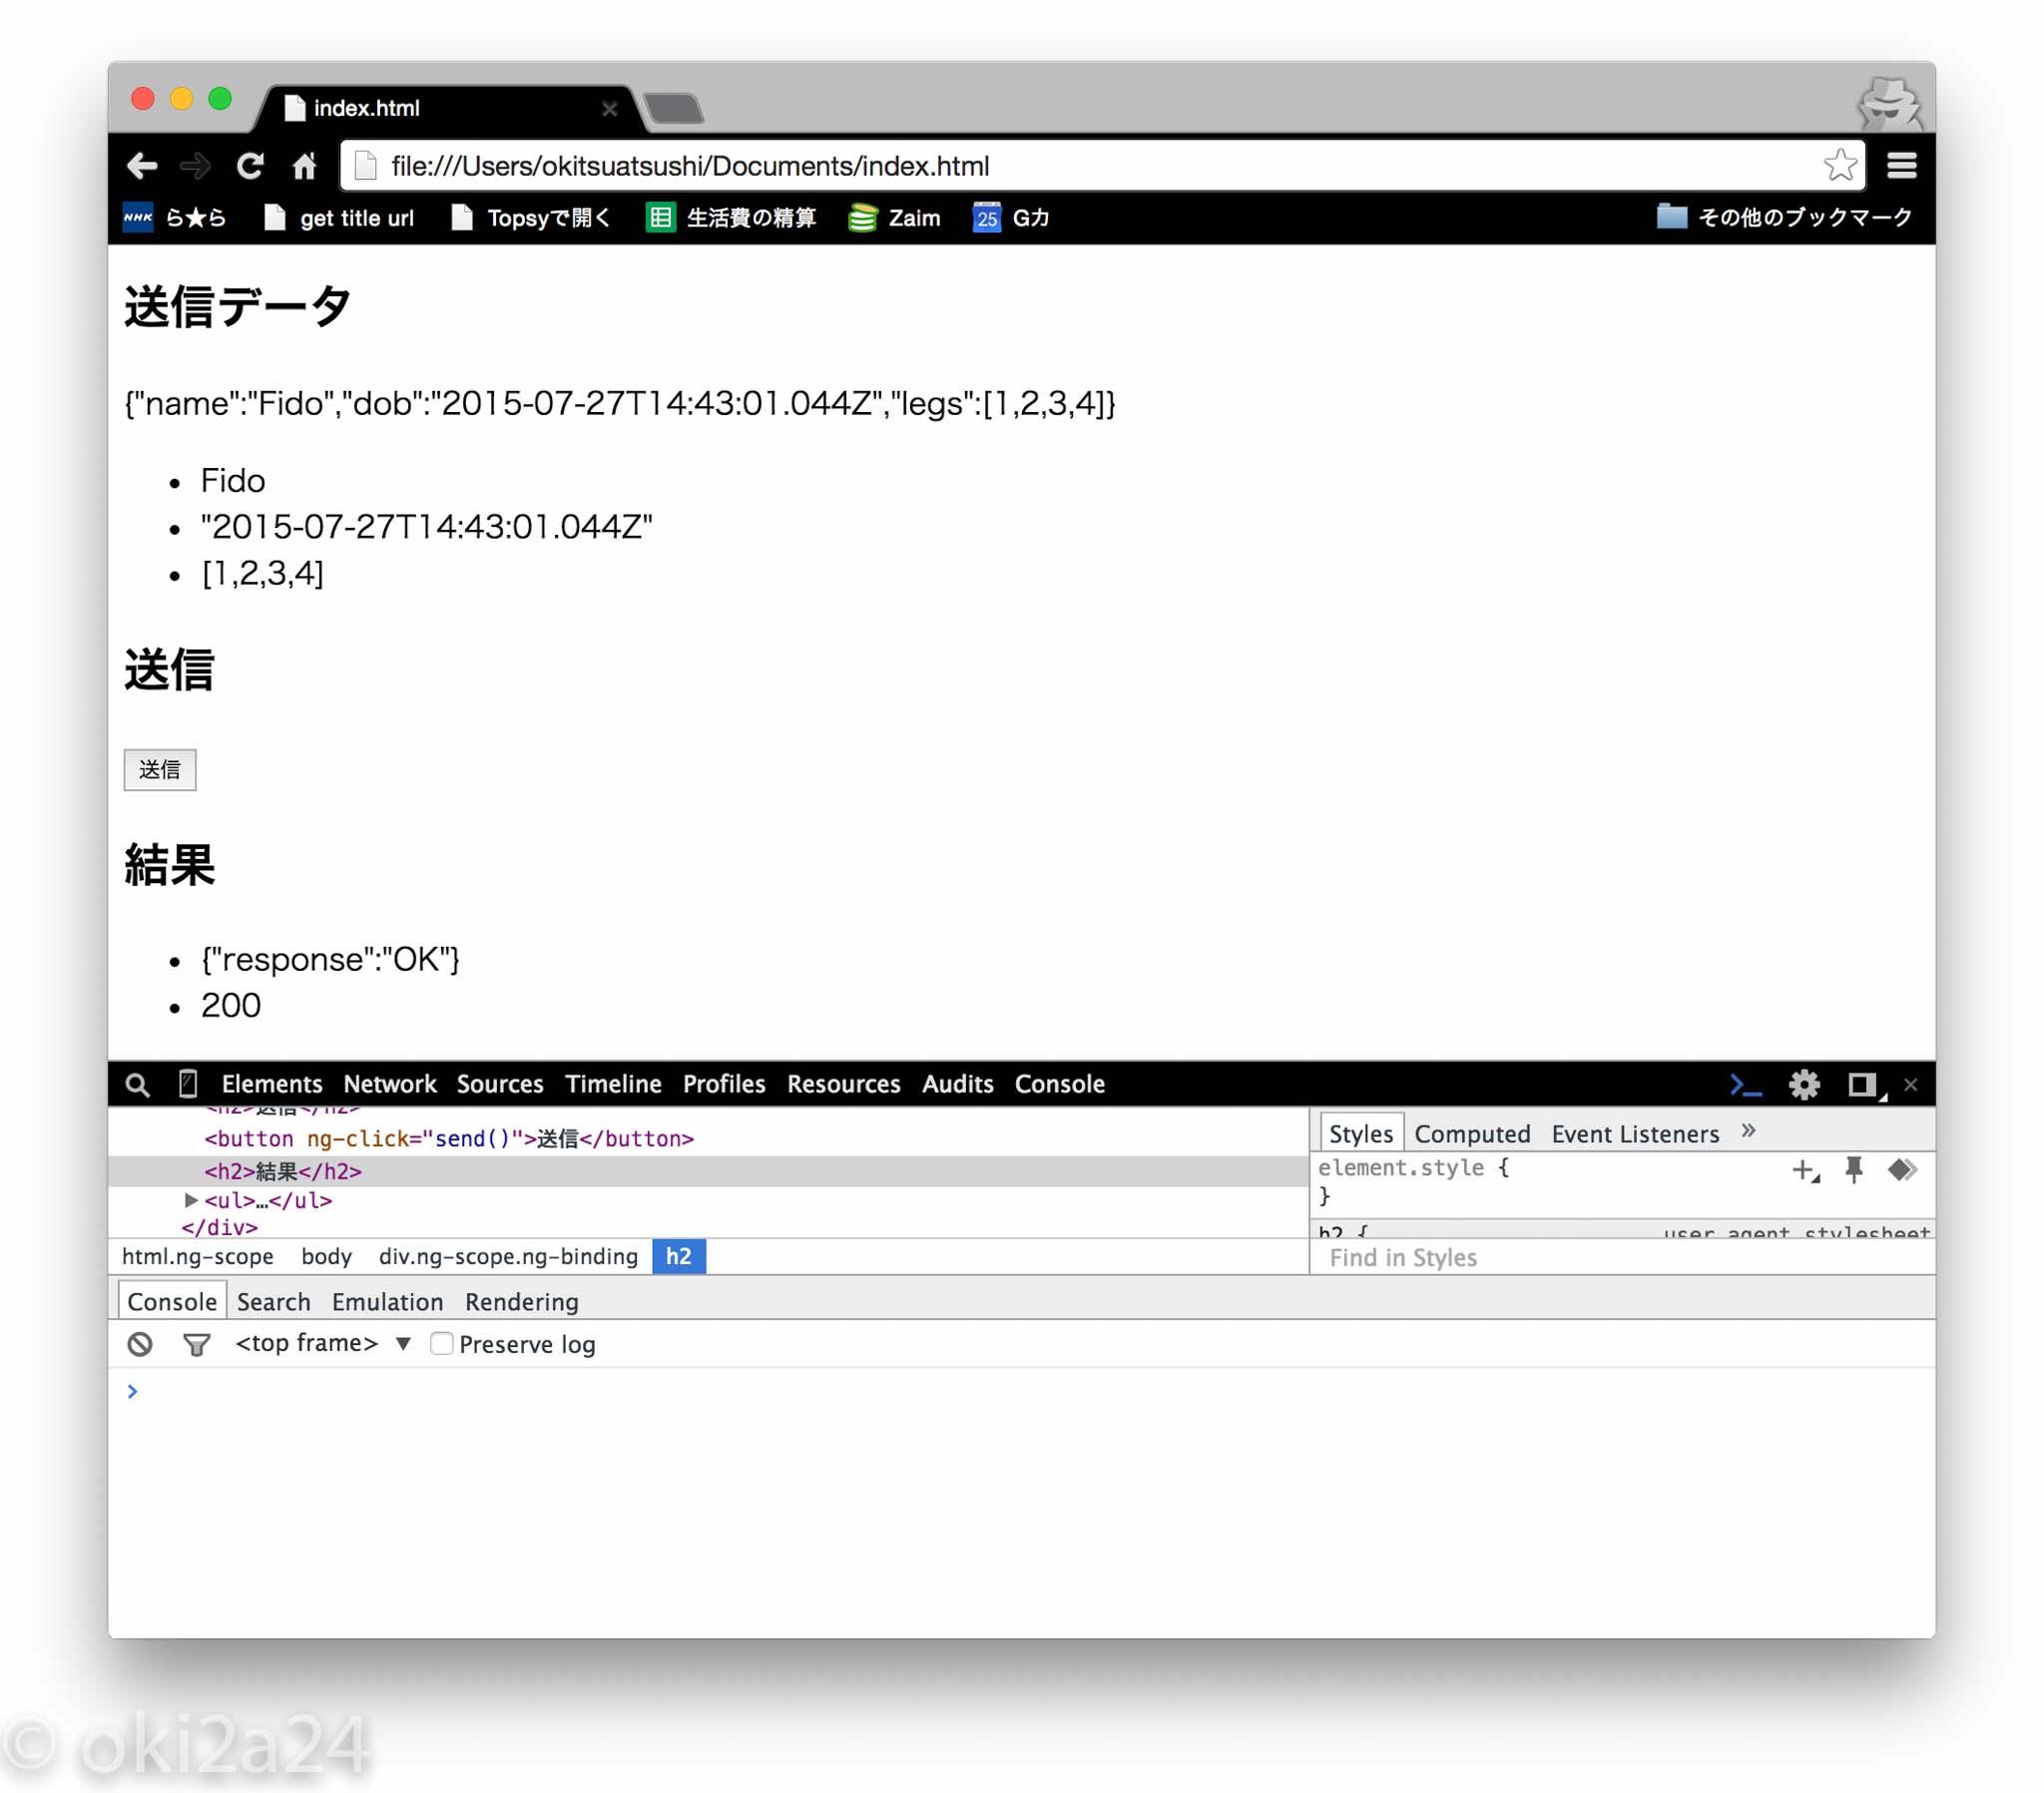 AngularJS を使用してウェブブラウザのページでボタンを押すと、サーバへ JSON データを POST して PHP で受け取ってファイルに出力したい。